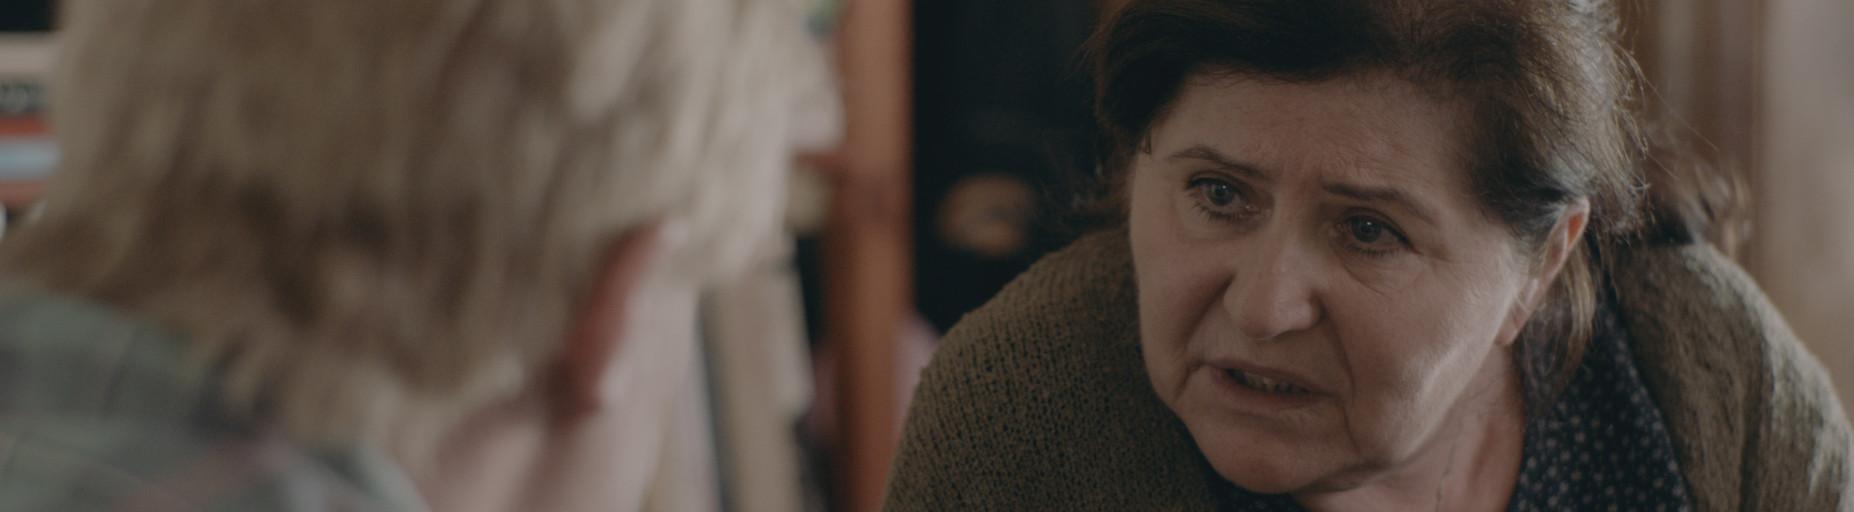 Nézd meg Szirmai Márton Friss Húson debütált rövidfilmjét!